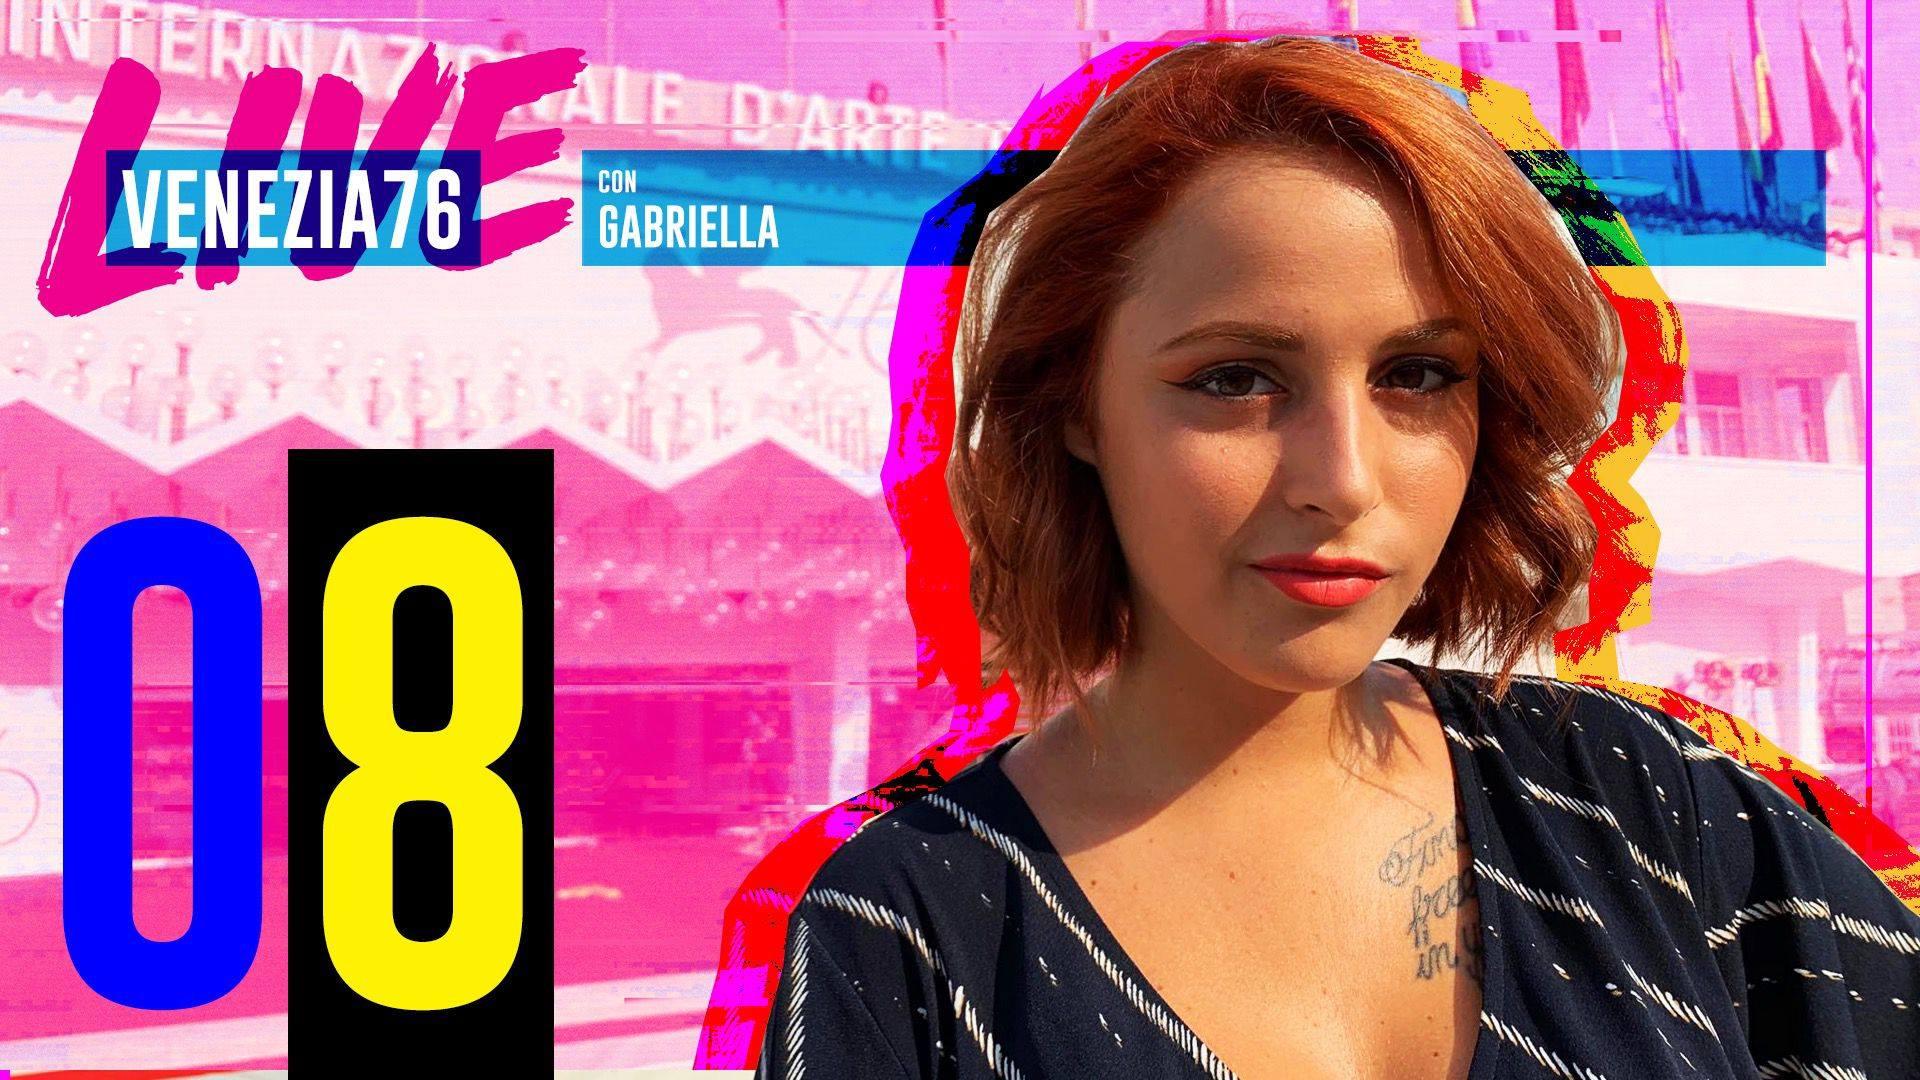 Venezia76: Live con Gabriella (Giorno 08)